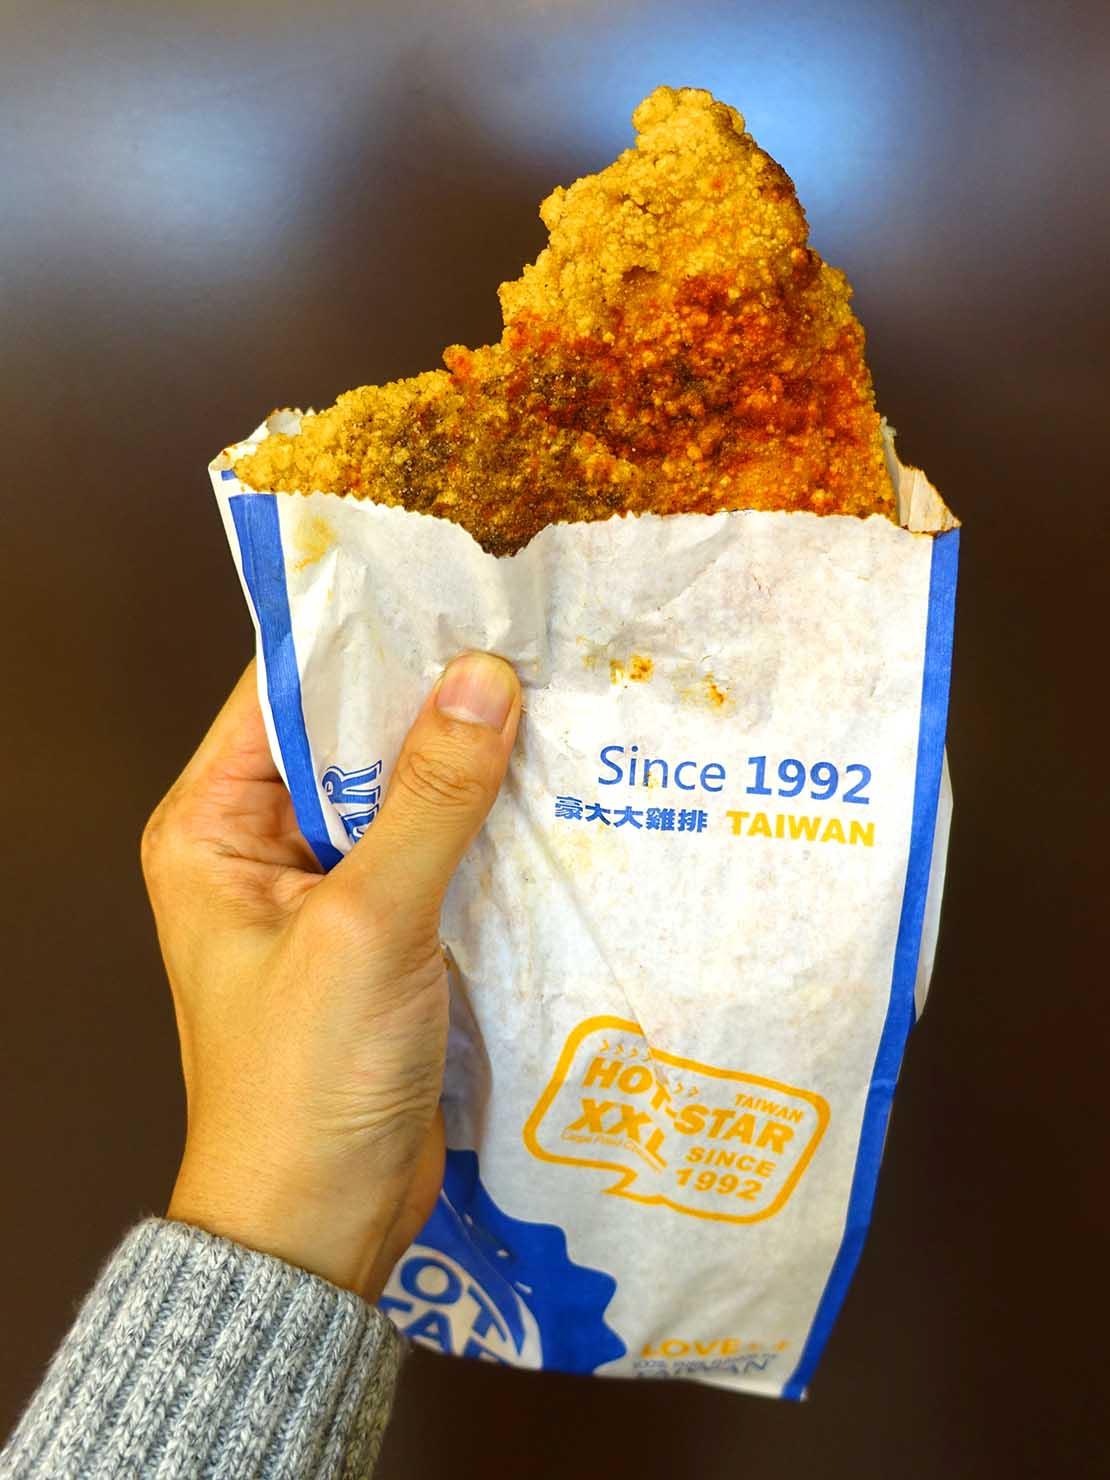 台北駅駅ナカ(車站大廳)のおすすめグルメ店「HOT-STAR 豪大大雞排」の豪大大雞排(フライドチキン)